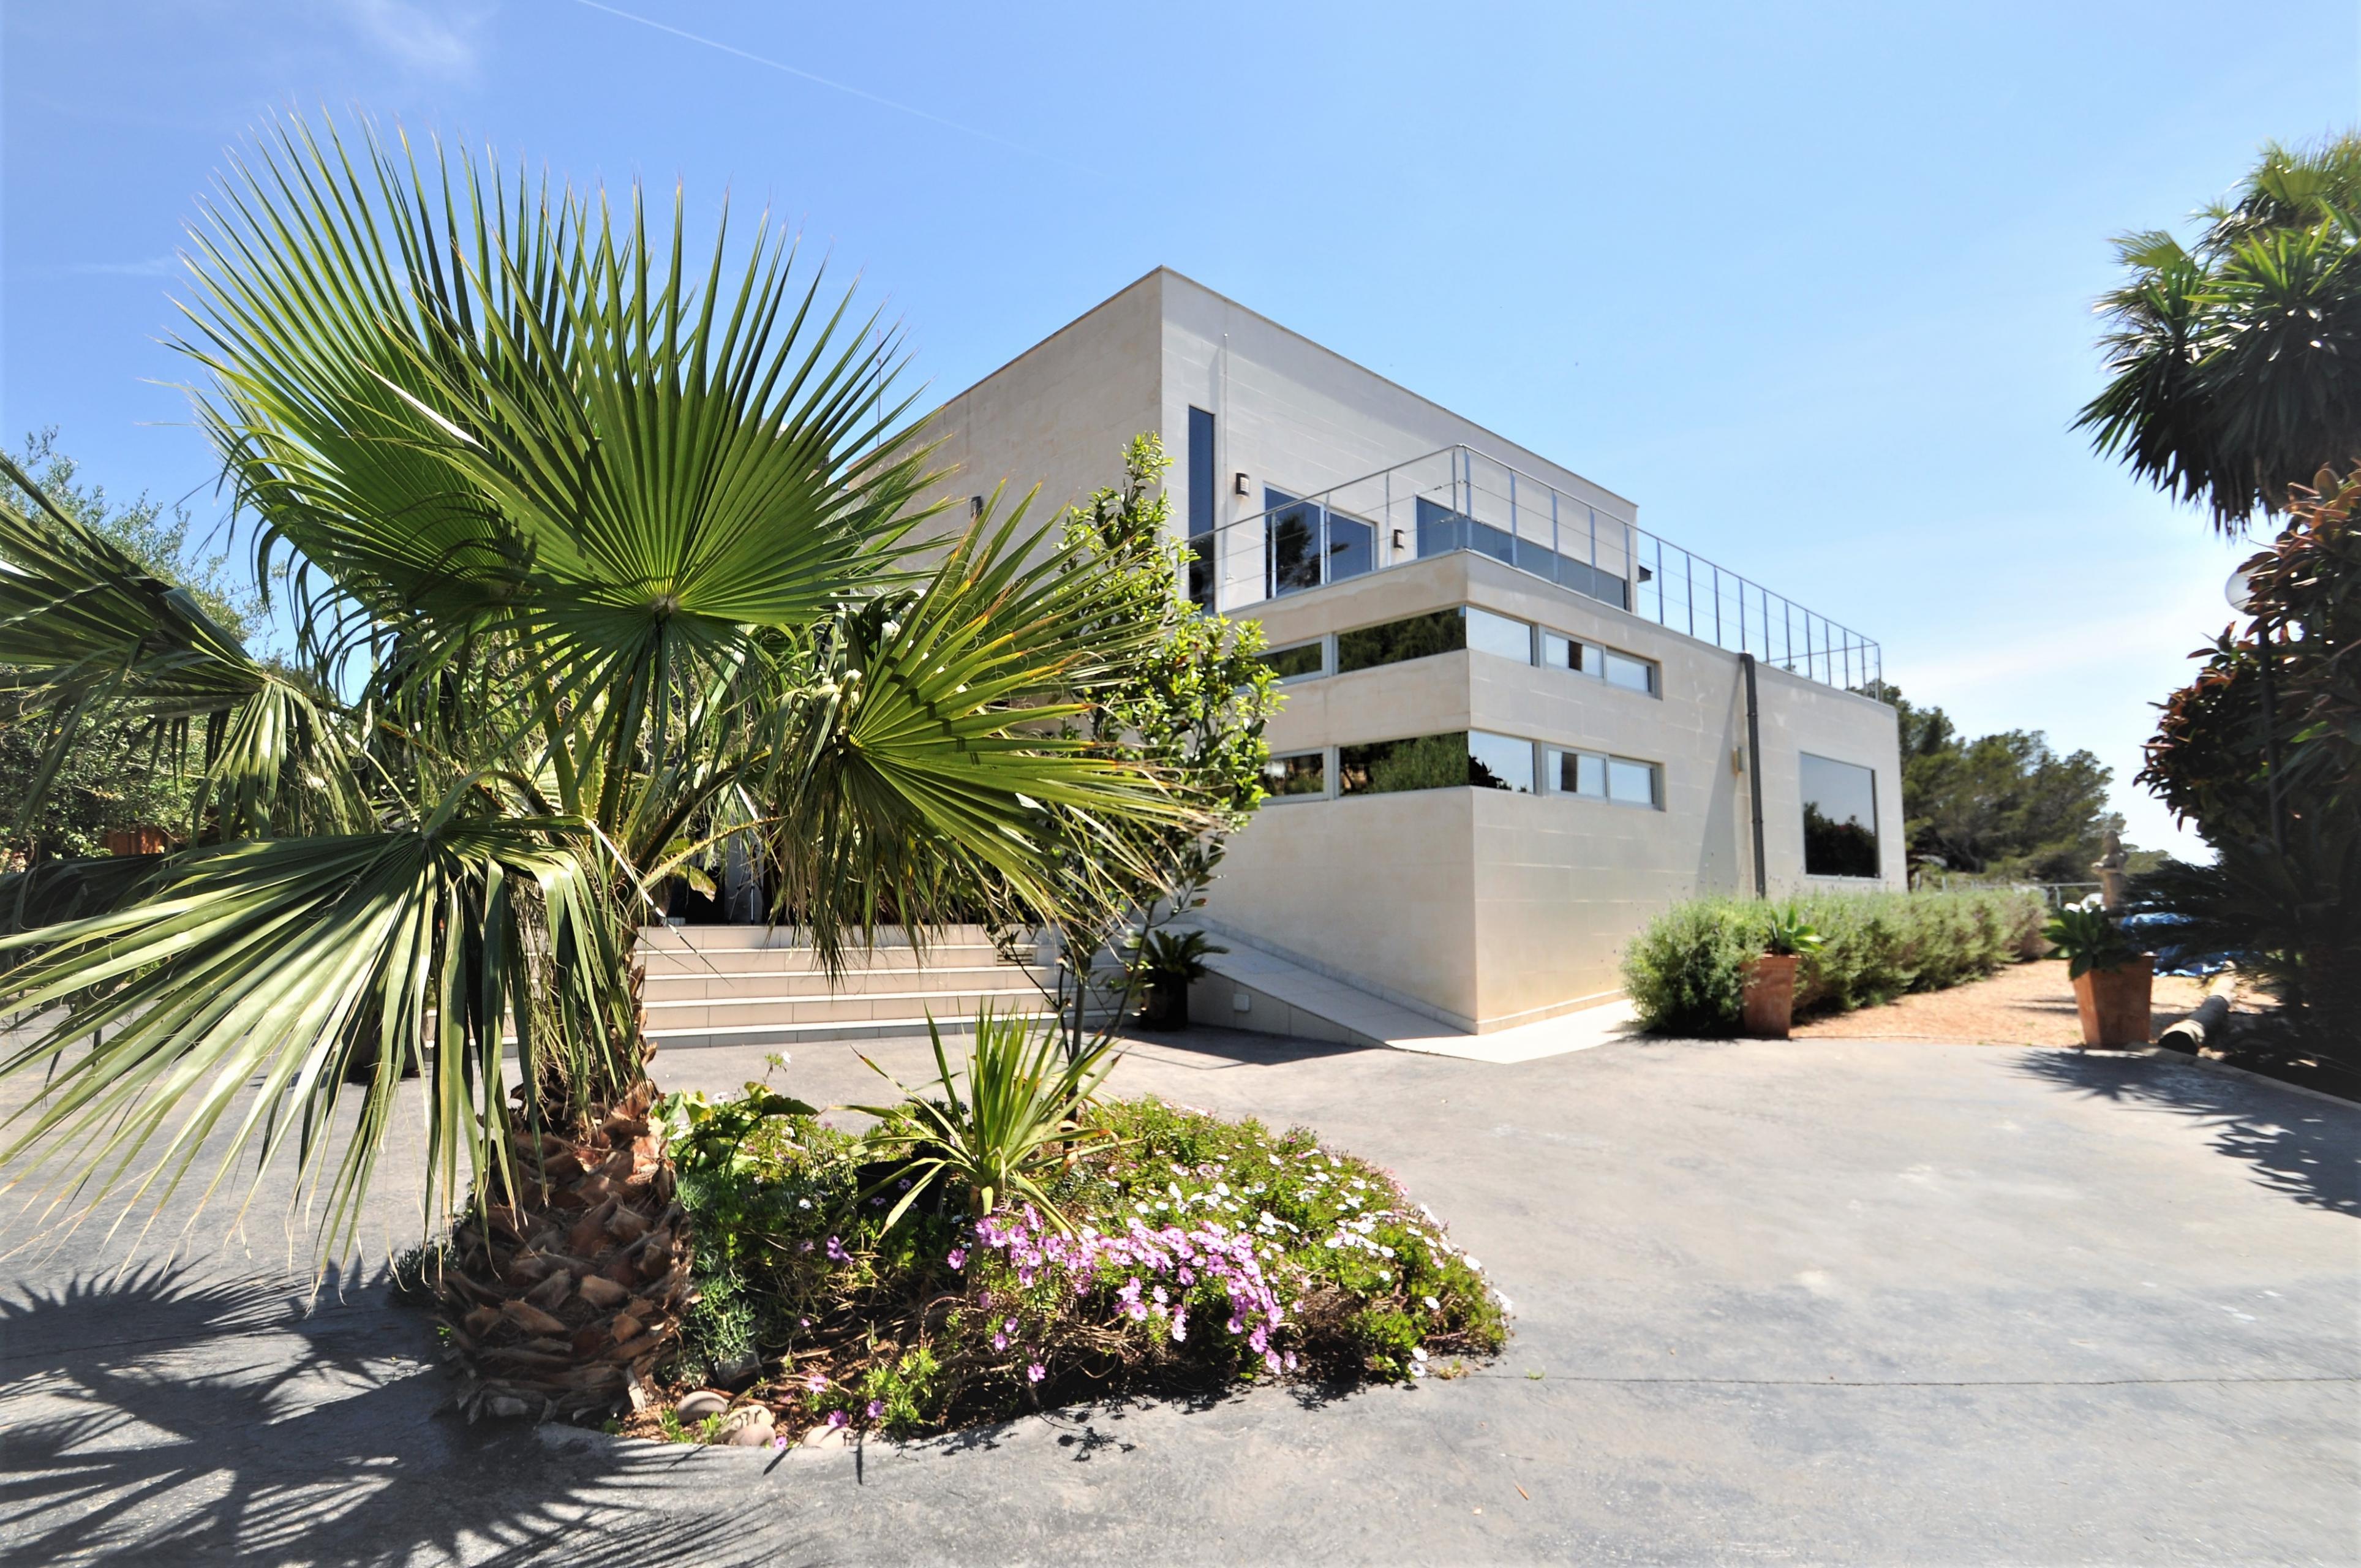 Maison de vacances VILLA BAY BLUE- Bahia Azul- Mallorca - VILLAONLINE - Kostenloses WLAN (2684052), Bahia Azul, Majorque, Iles Baléares, Espagne, image 54